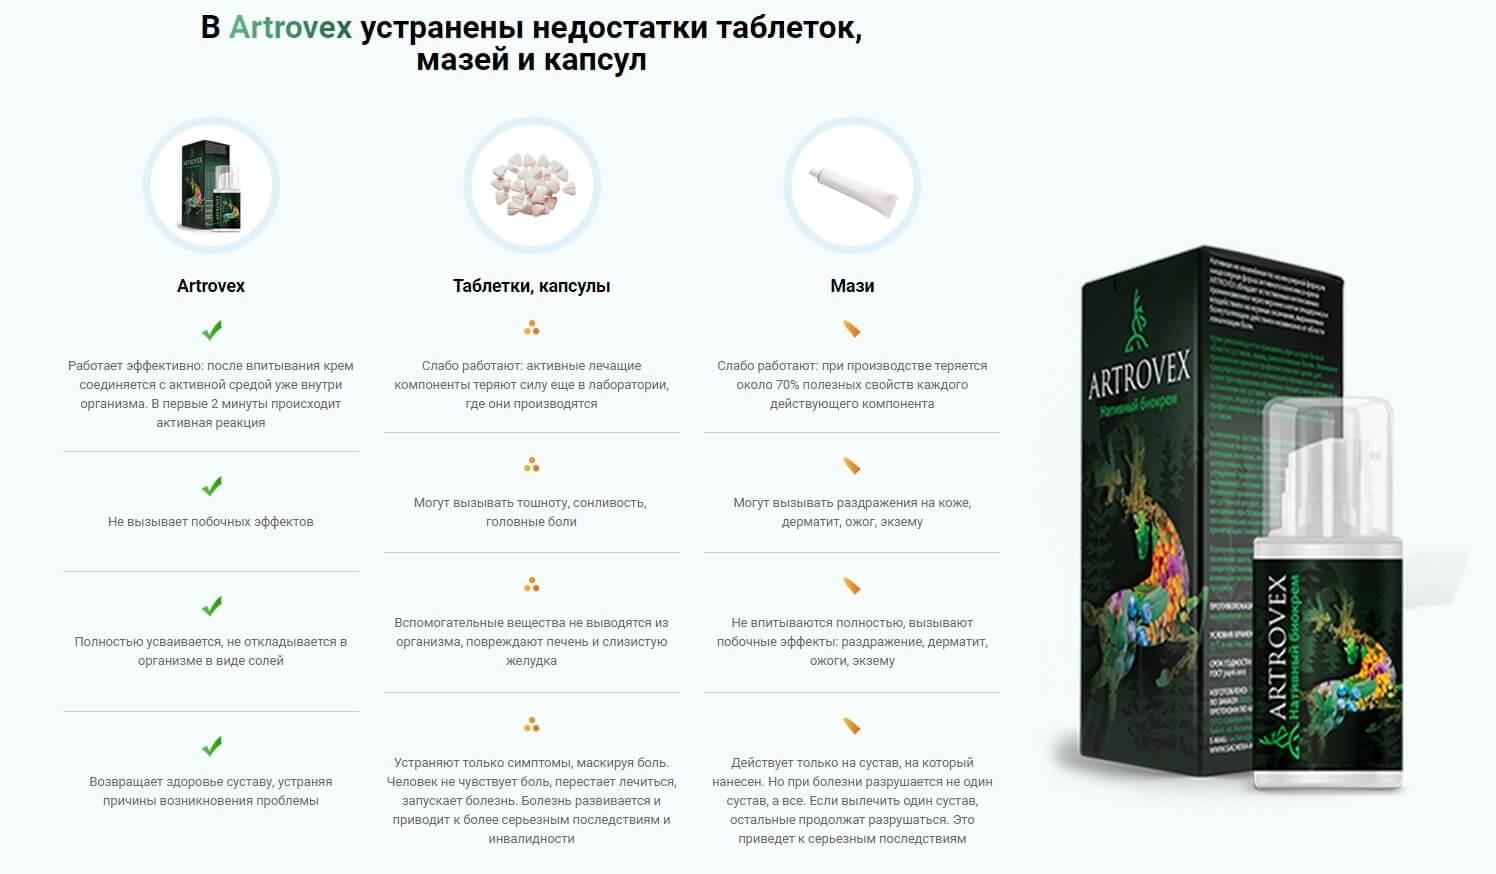 Térdkalács (patella) körüli fájdalom | rozsakert-egervar.hu – Egészségoldal | rozsakert-egervar.hu